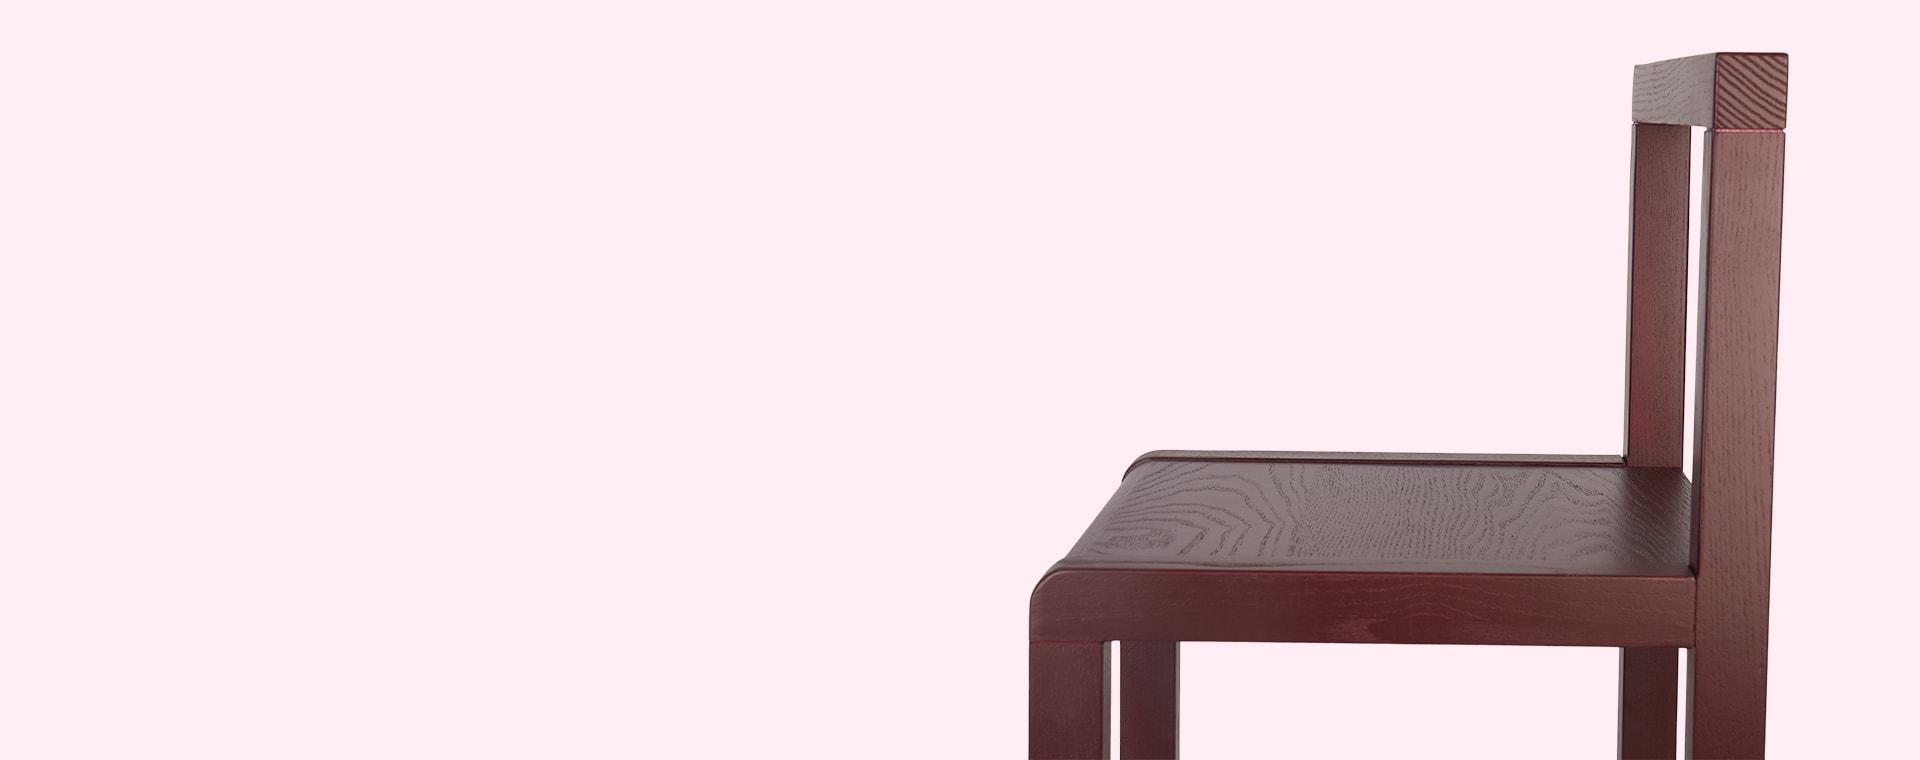 Bordeaux Ferm Living Little Architect Chair